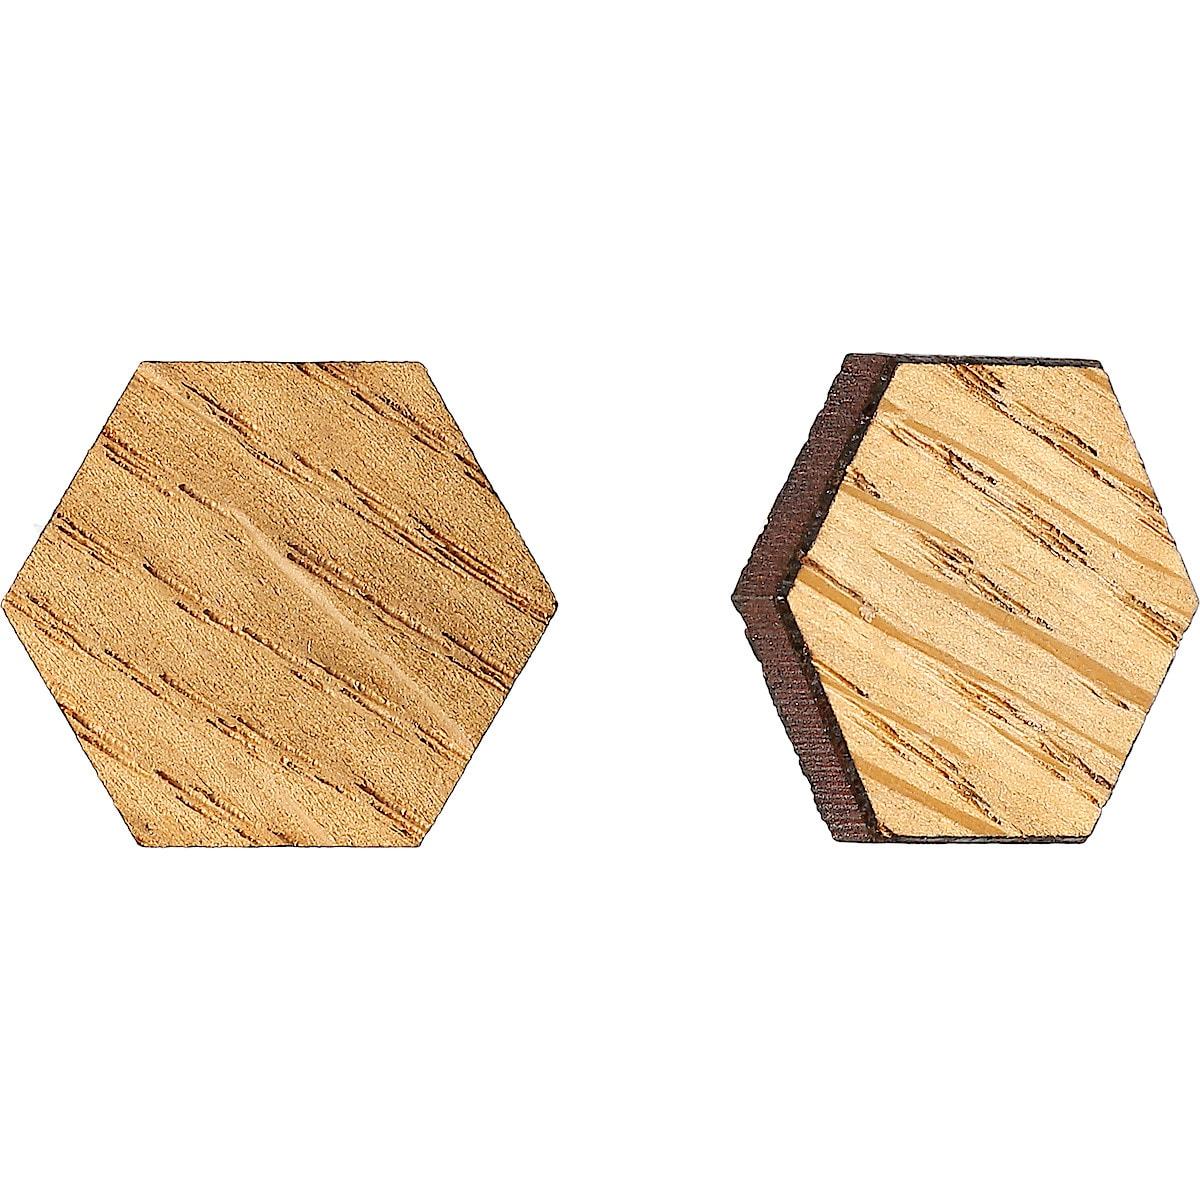 Magneter Naga Hexagon Ek 2-pack